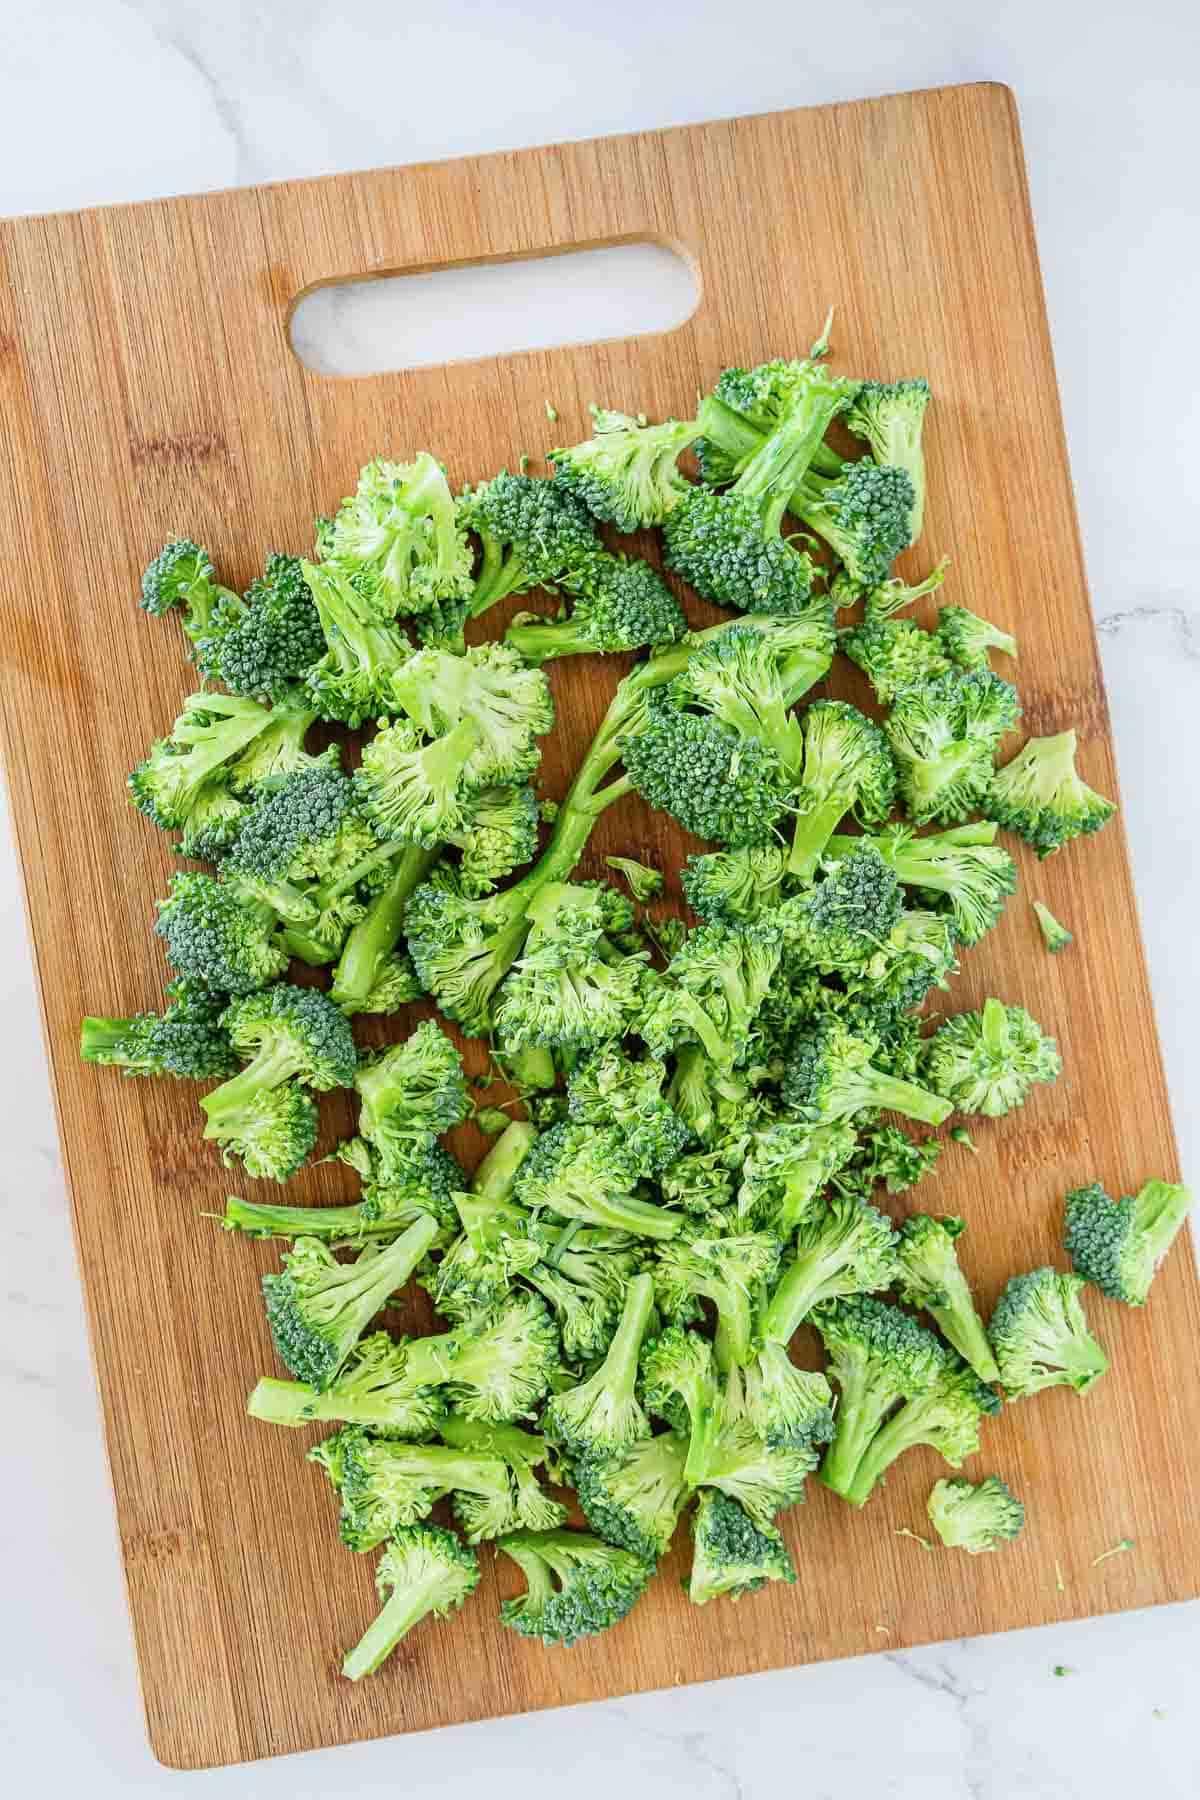 Cutting broccoli florets on a cutting board.